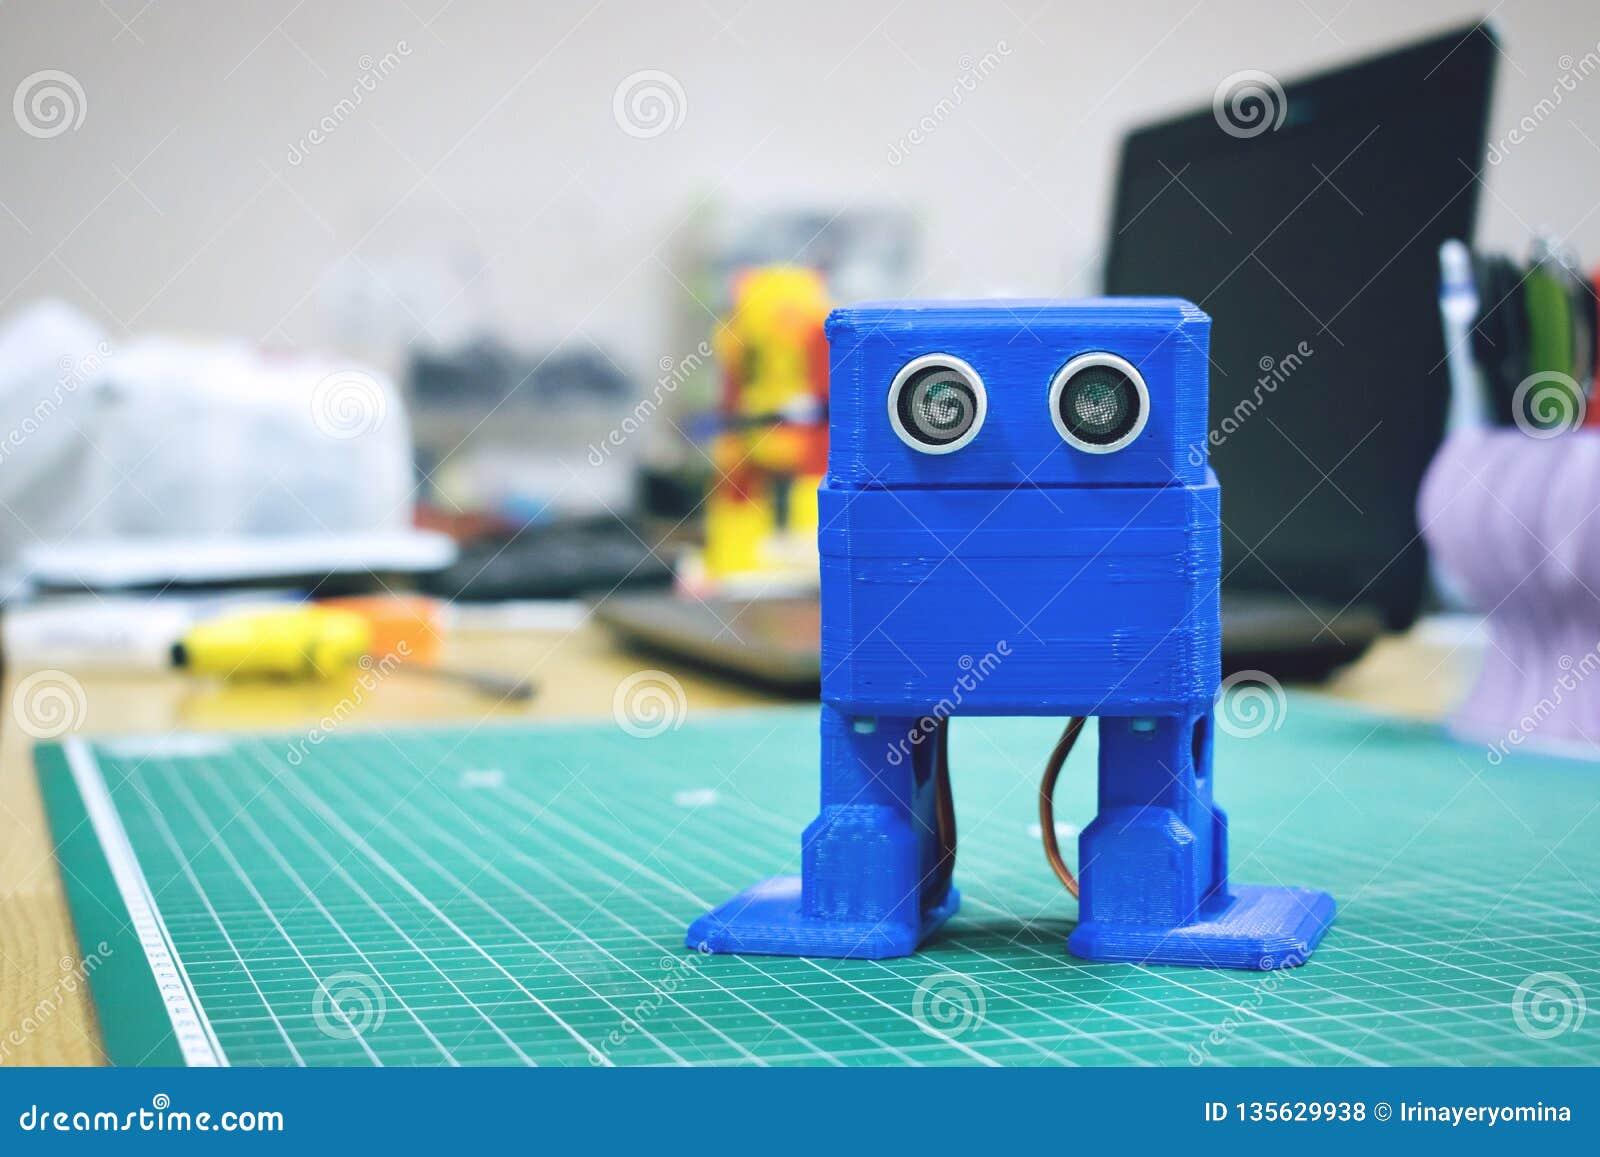 3D gedrukte Grappige dansende blauwe robot op de achtergrond van apparaten en laptop Robotmodel op automatische driedimensionele